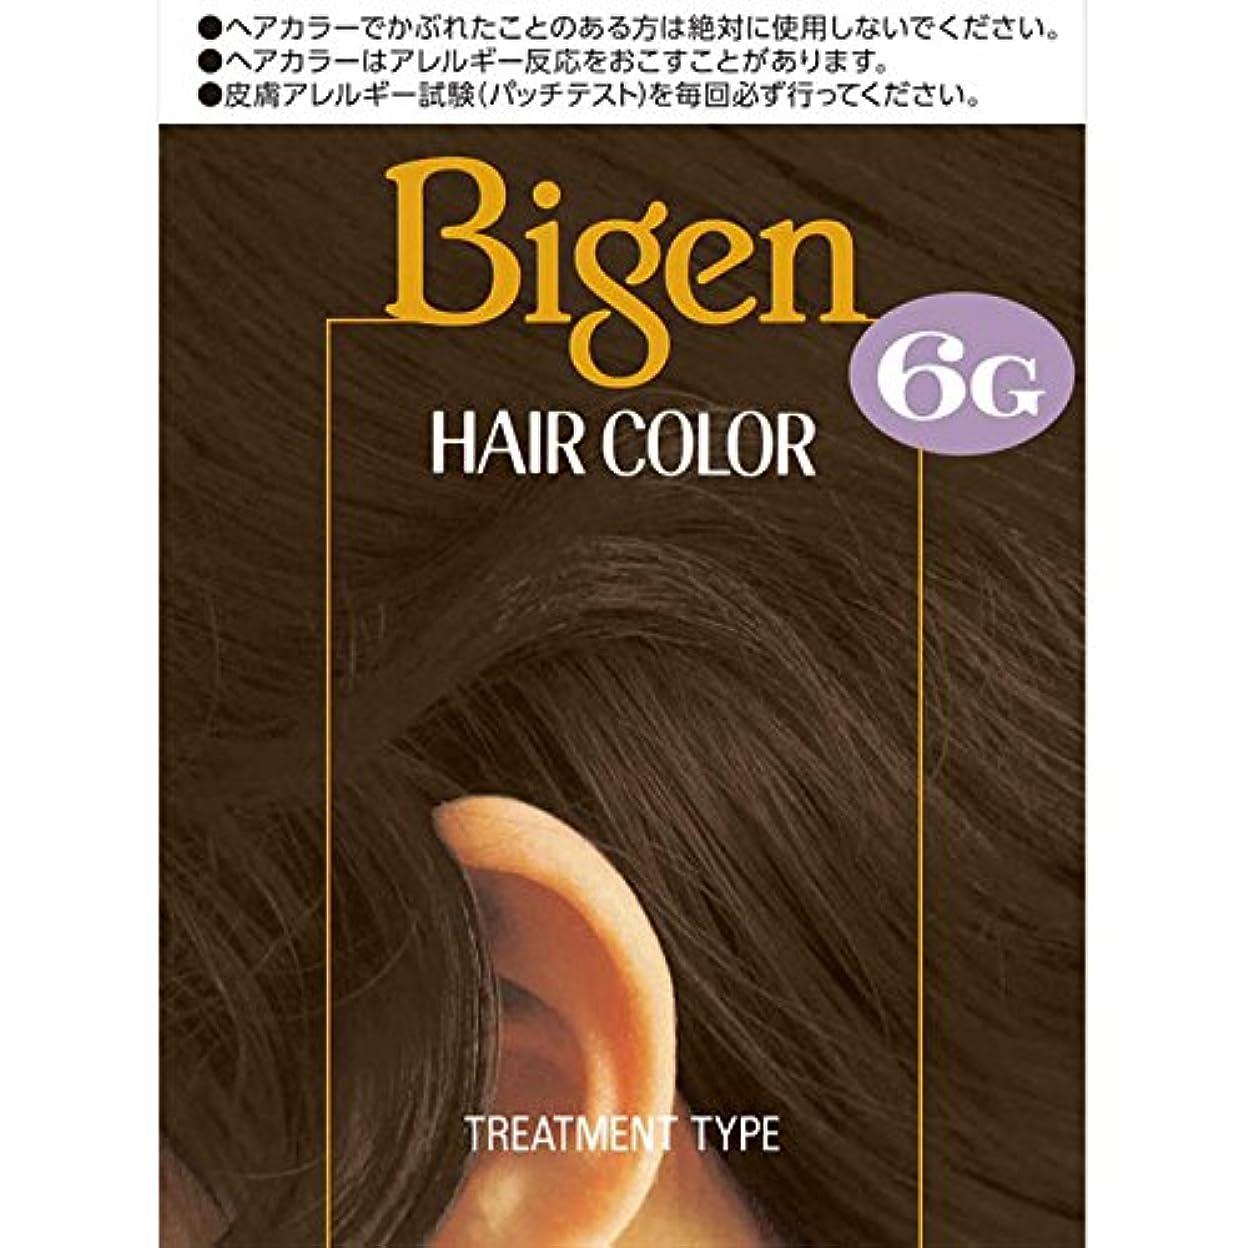 ギャップ呼び出すそよ風ホーユー ビゲン ヘアカラー 6G 自然な褐色 40ml×2